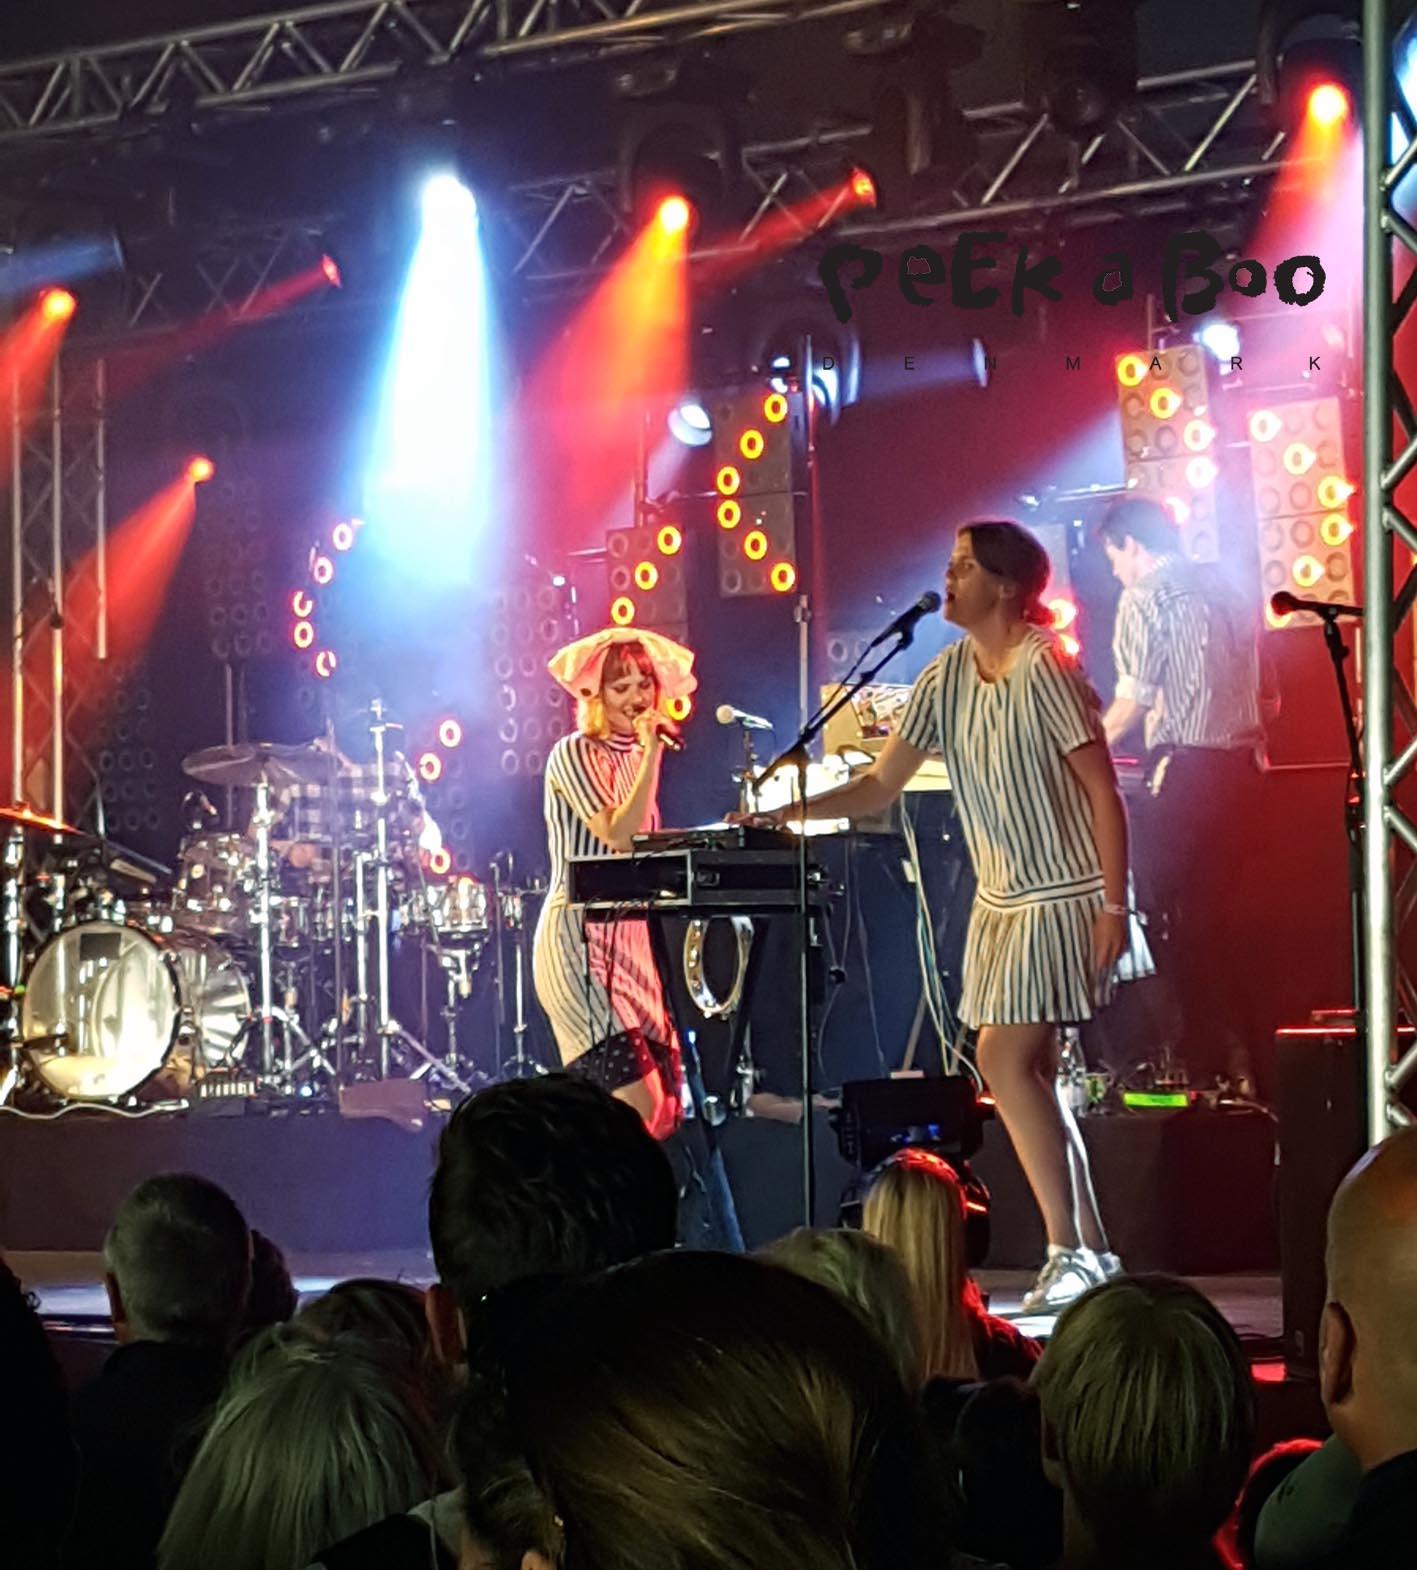 The Danish female singer Oh Land at Vig Festvalen 2016.